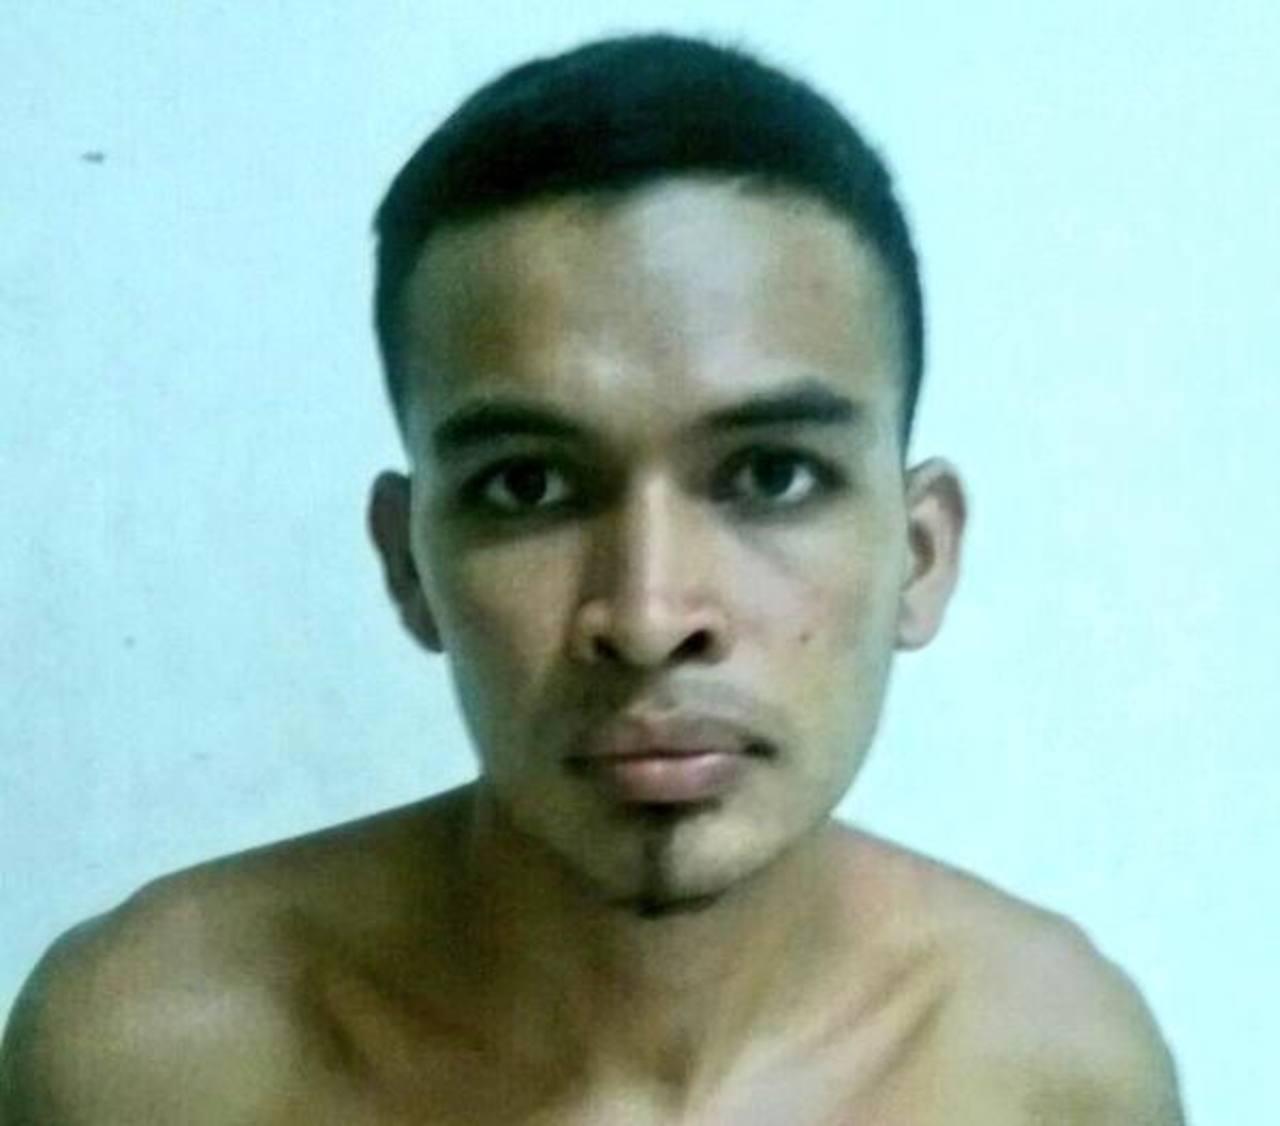 La Policía detuvo al supuesto marero sospechoso de matar al locutor deportivo en San Miguel. Foto EDH